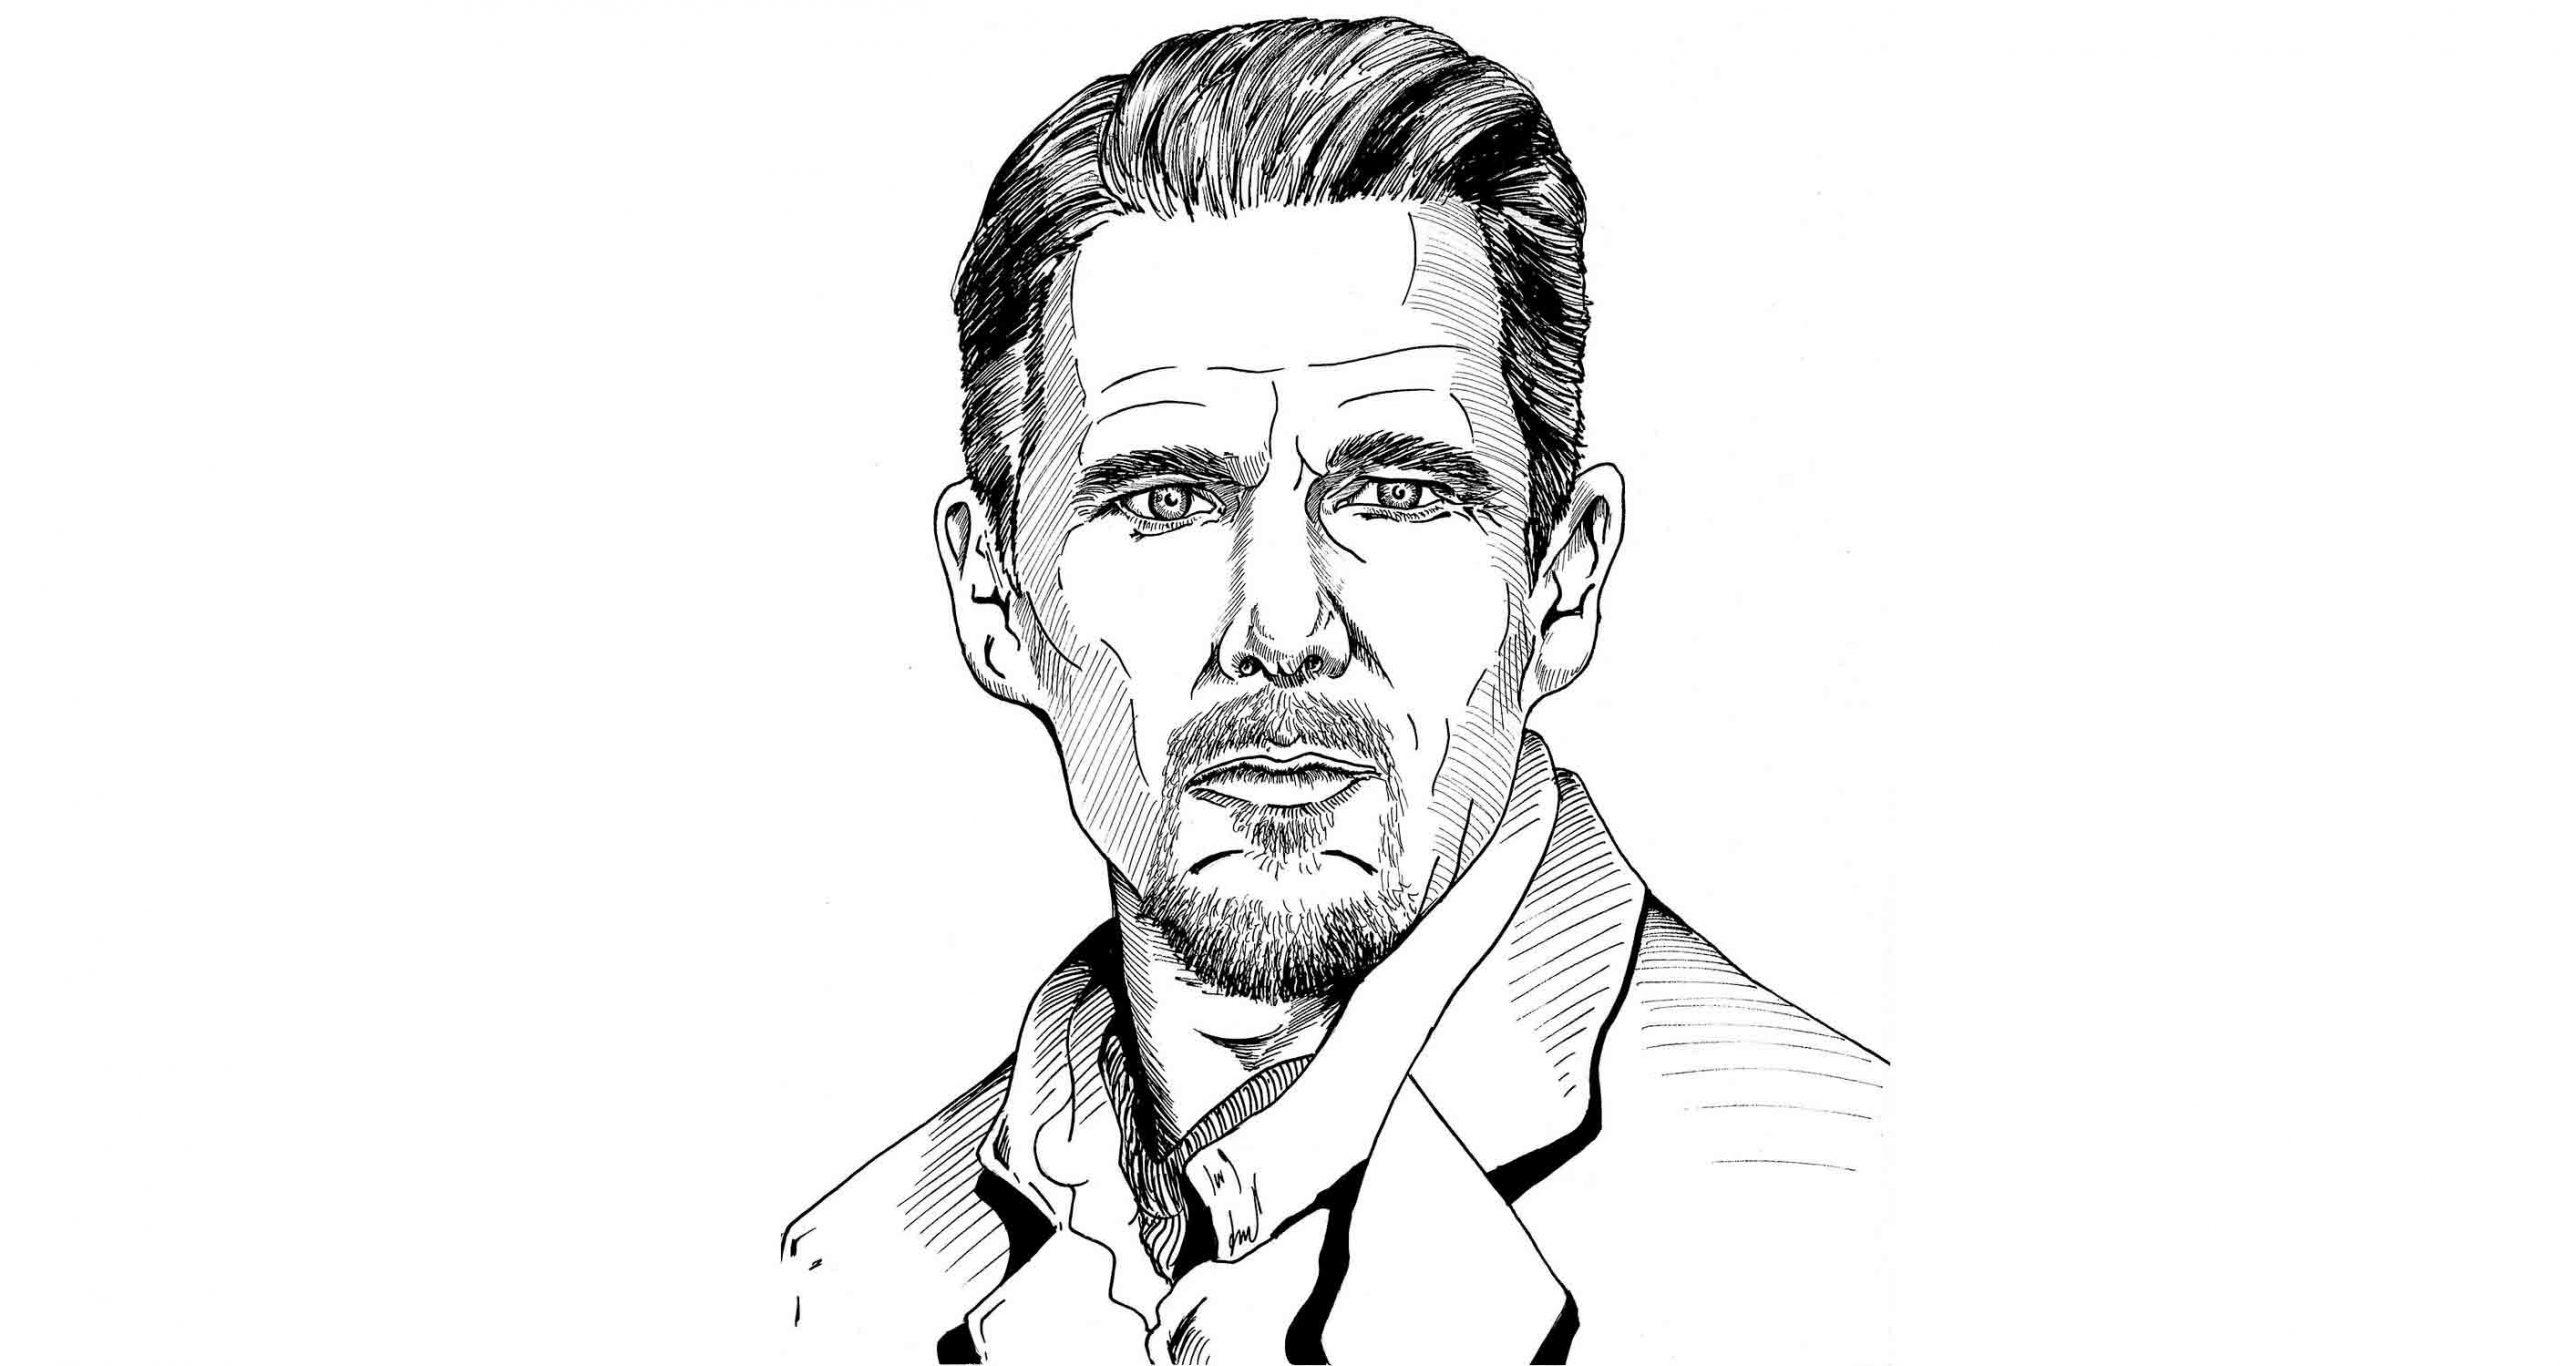 Ethan Hawke. Illustration by Jonathan Fehr